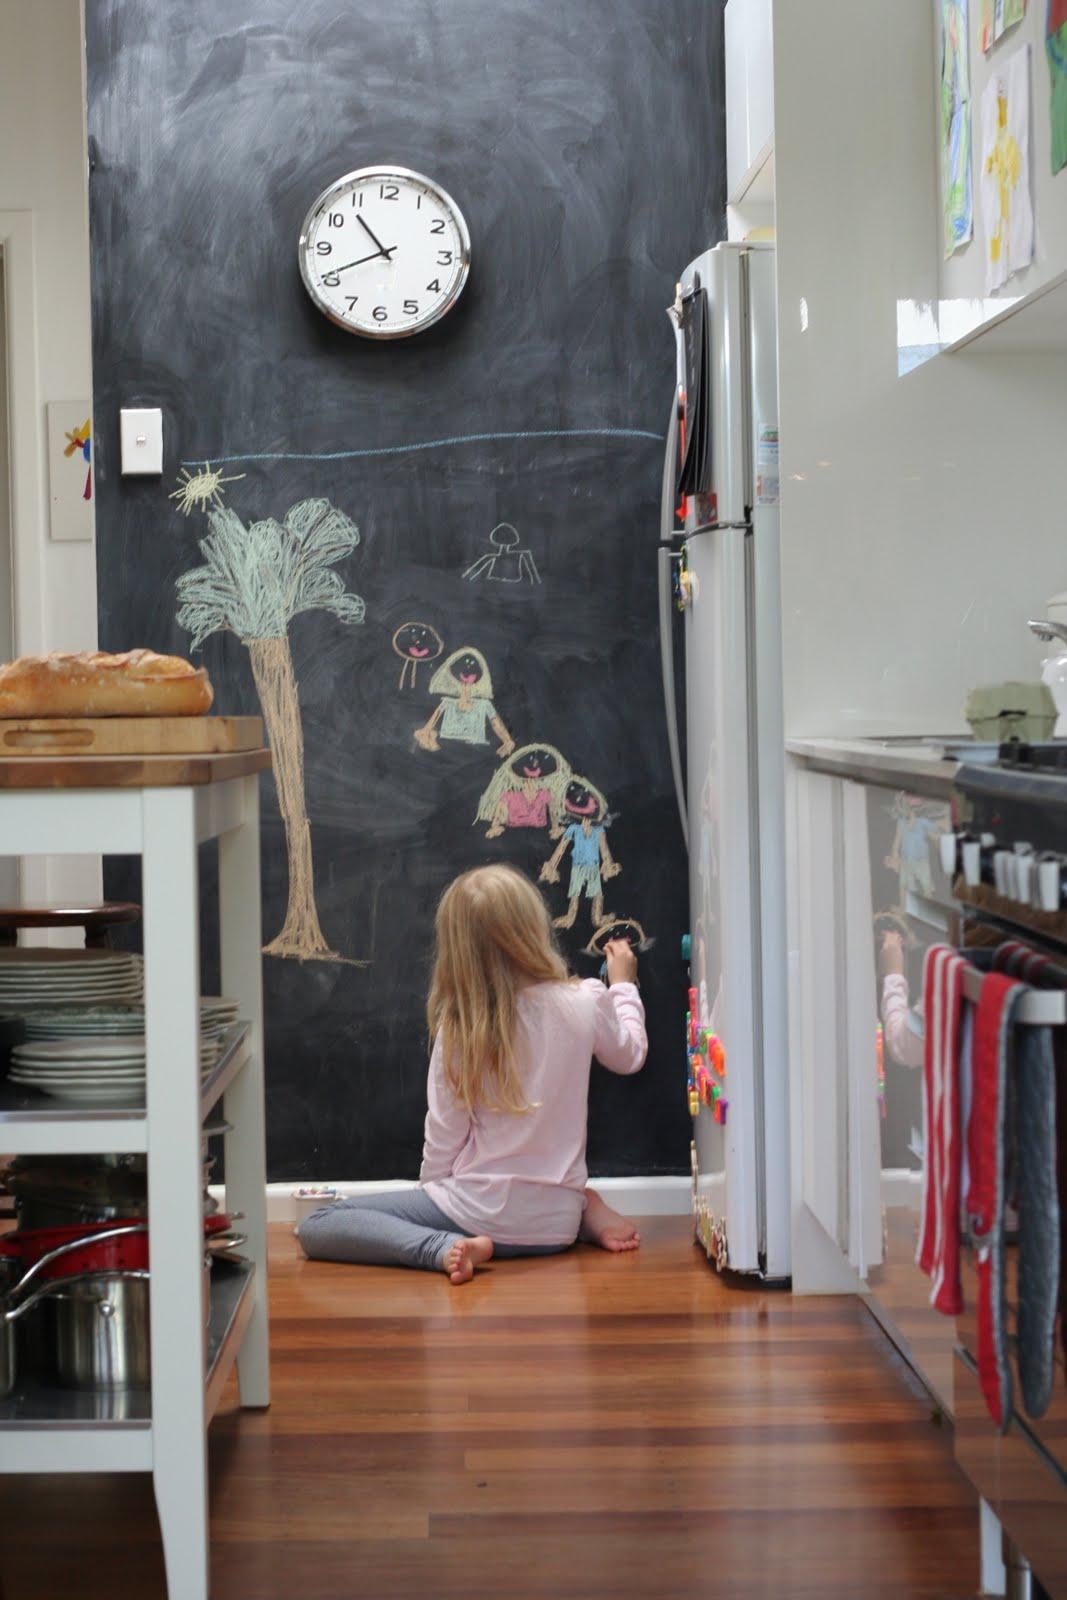 Меловая доска с рисунками в интерьере